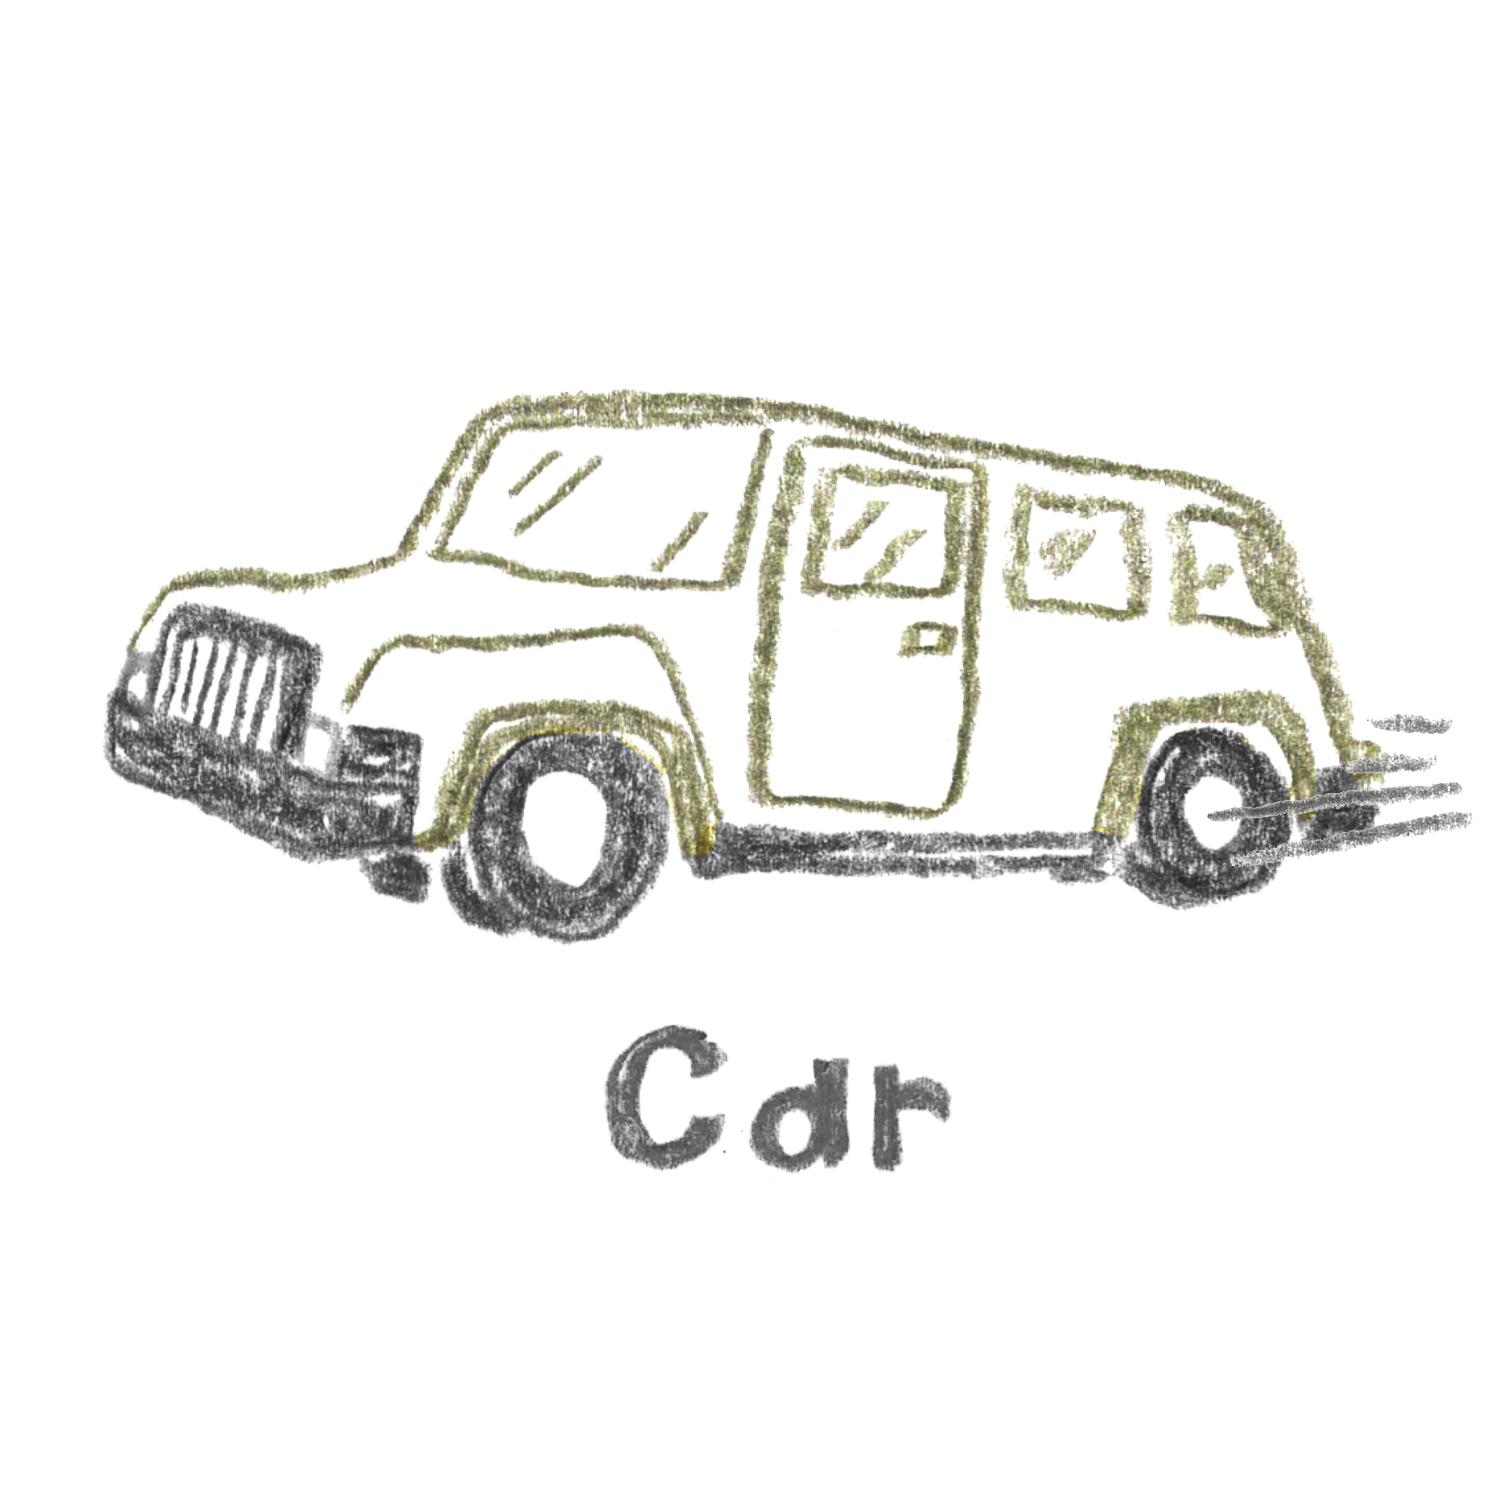 B:自動車